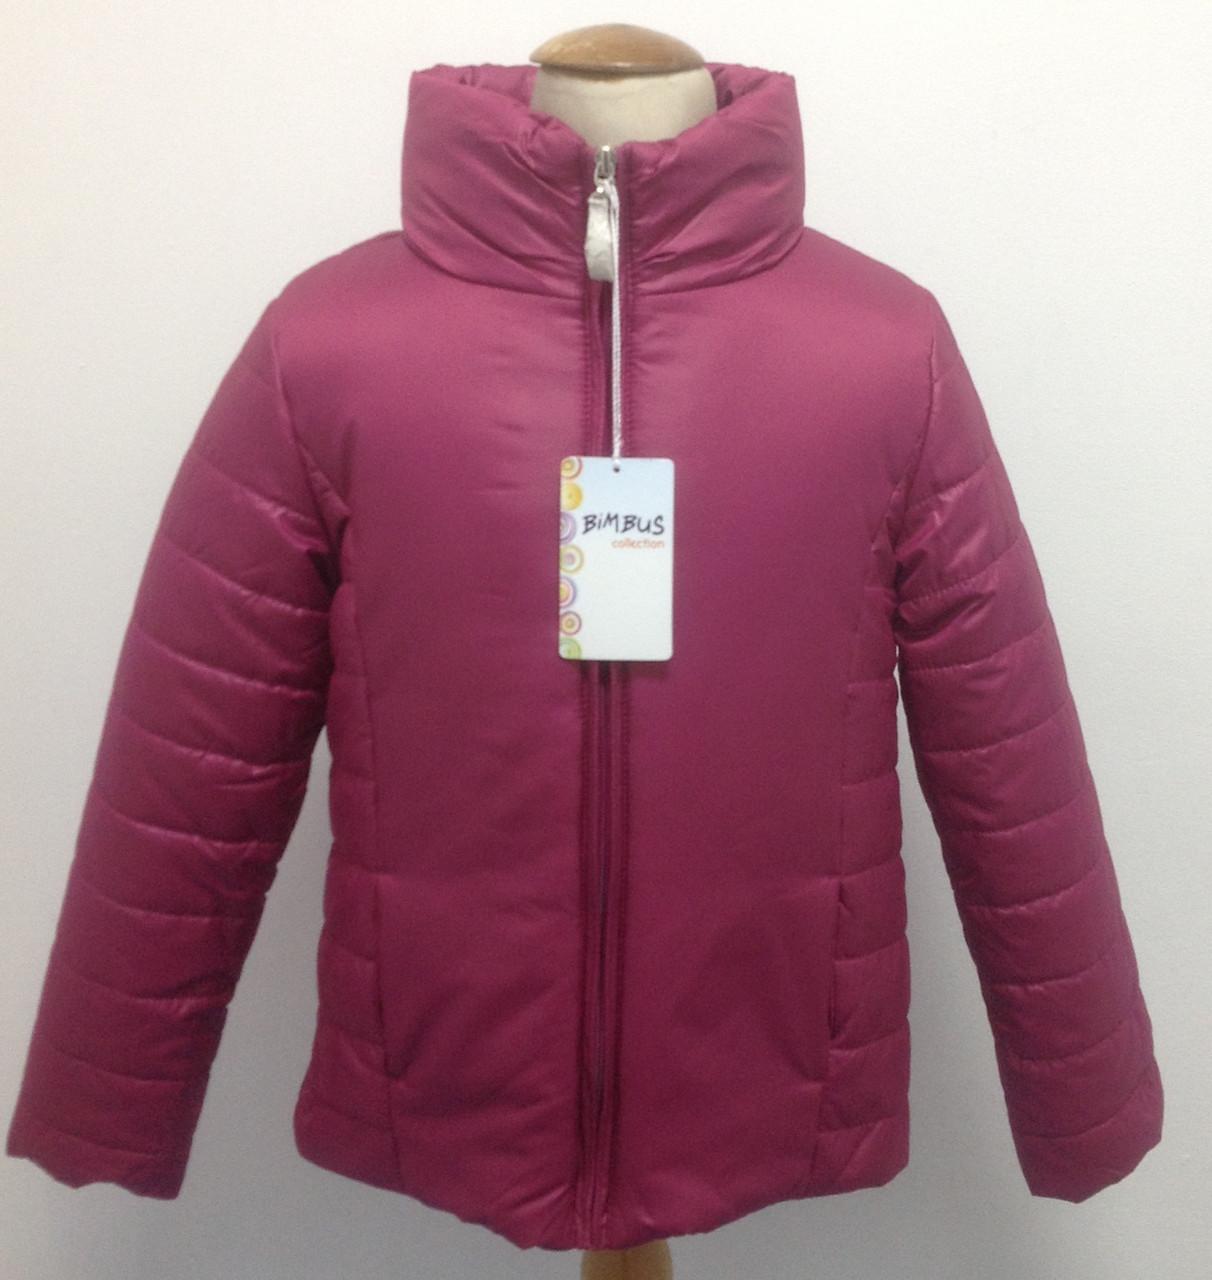 Куртка демисезонная для девочки итальянская Bimbus малиновая удлиненная на синтепоне